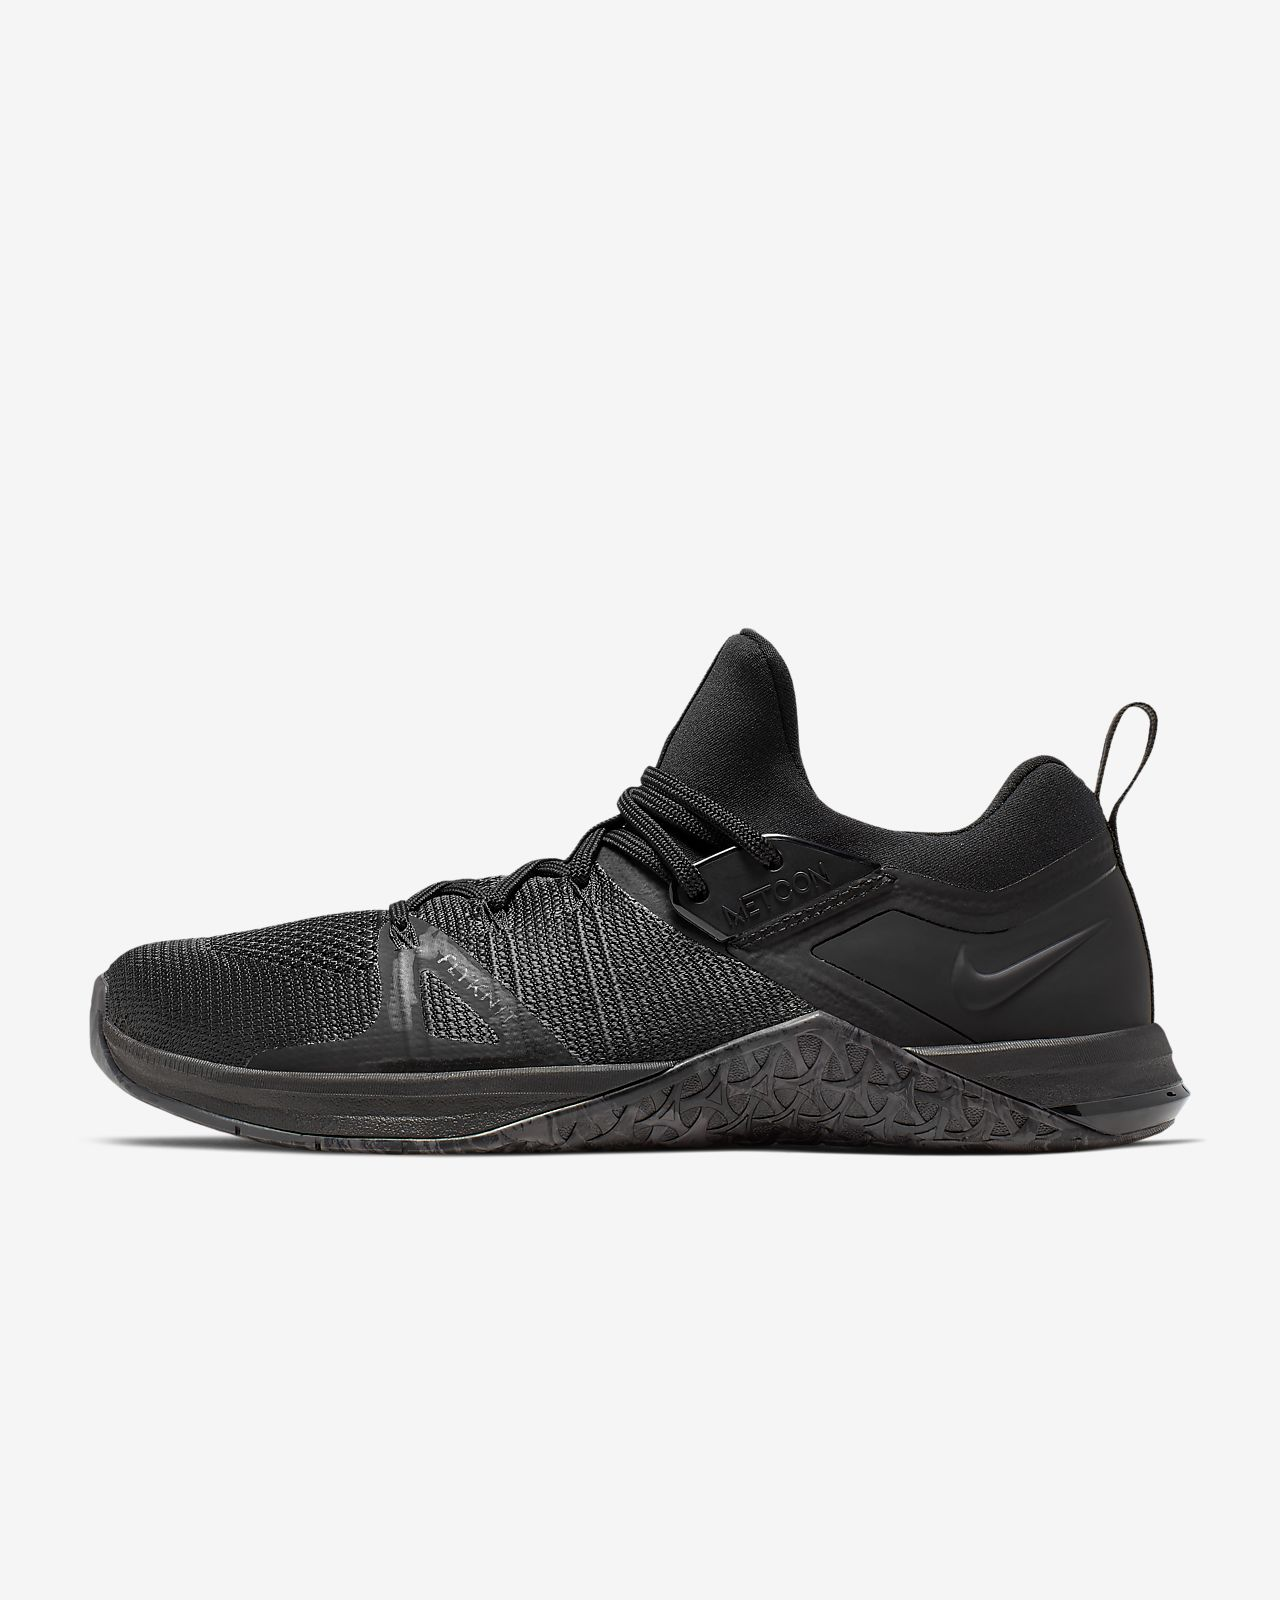 Pánská bota Nike Metcon Flyknit 3 na cross trénink a vzpírání